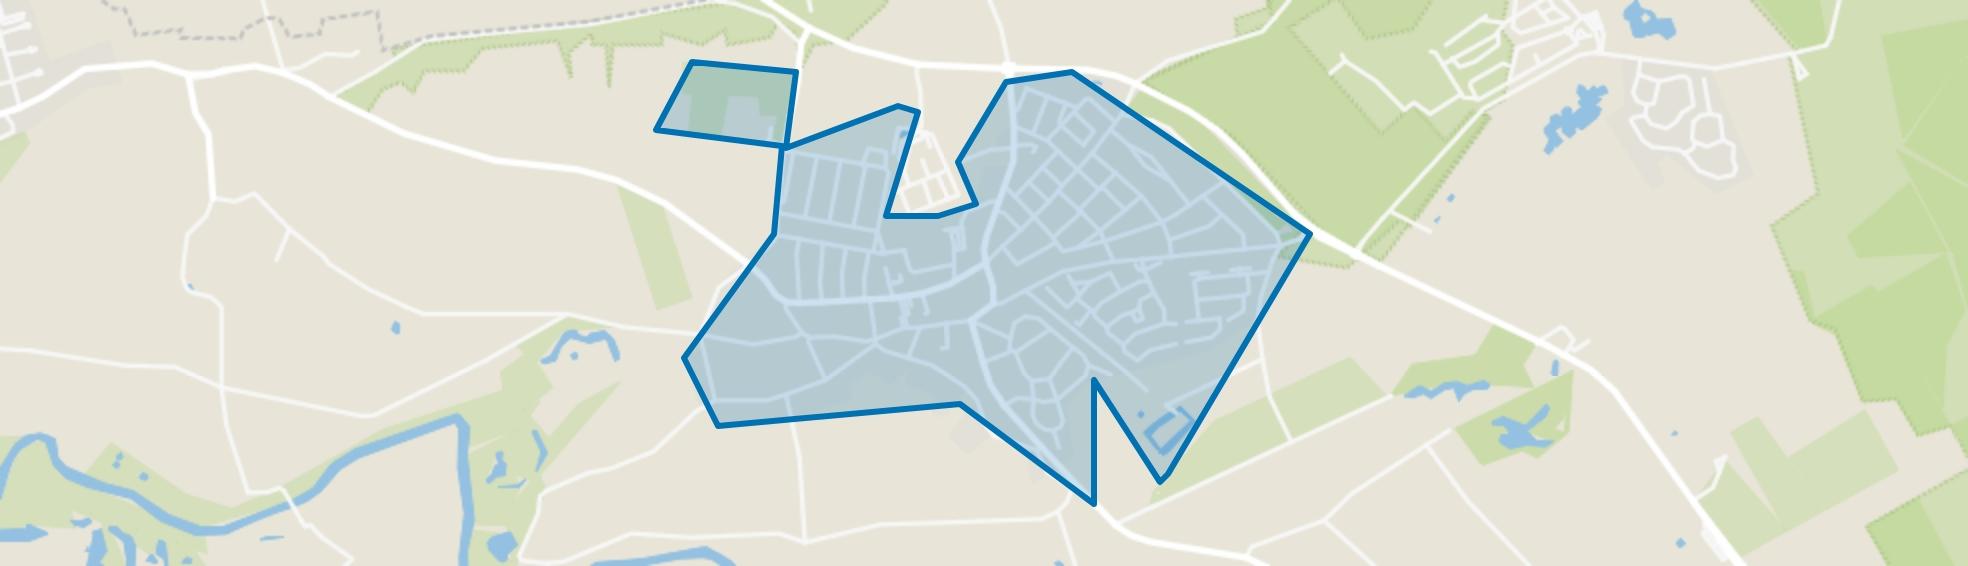 Herkenbosch, Herkenbosch map